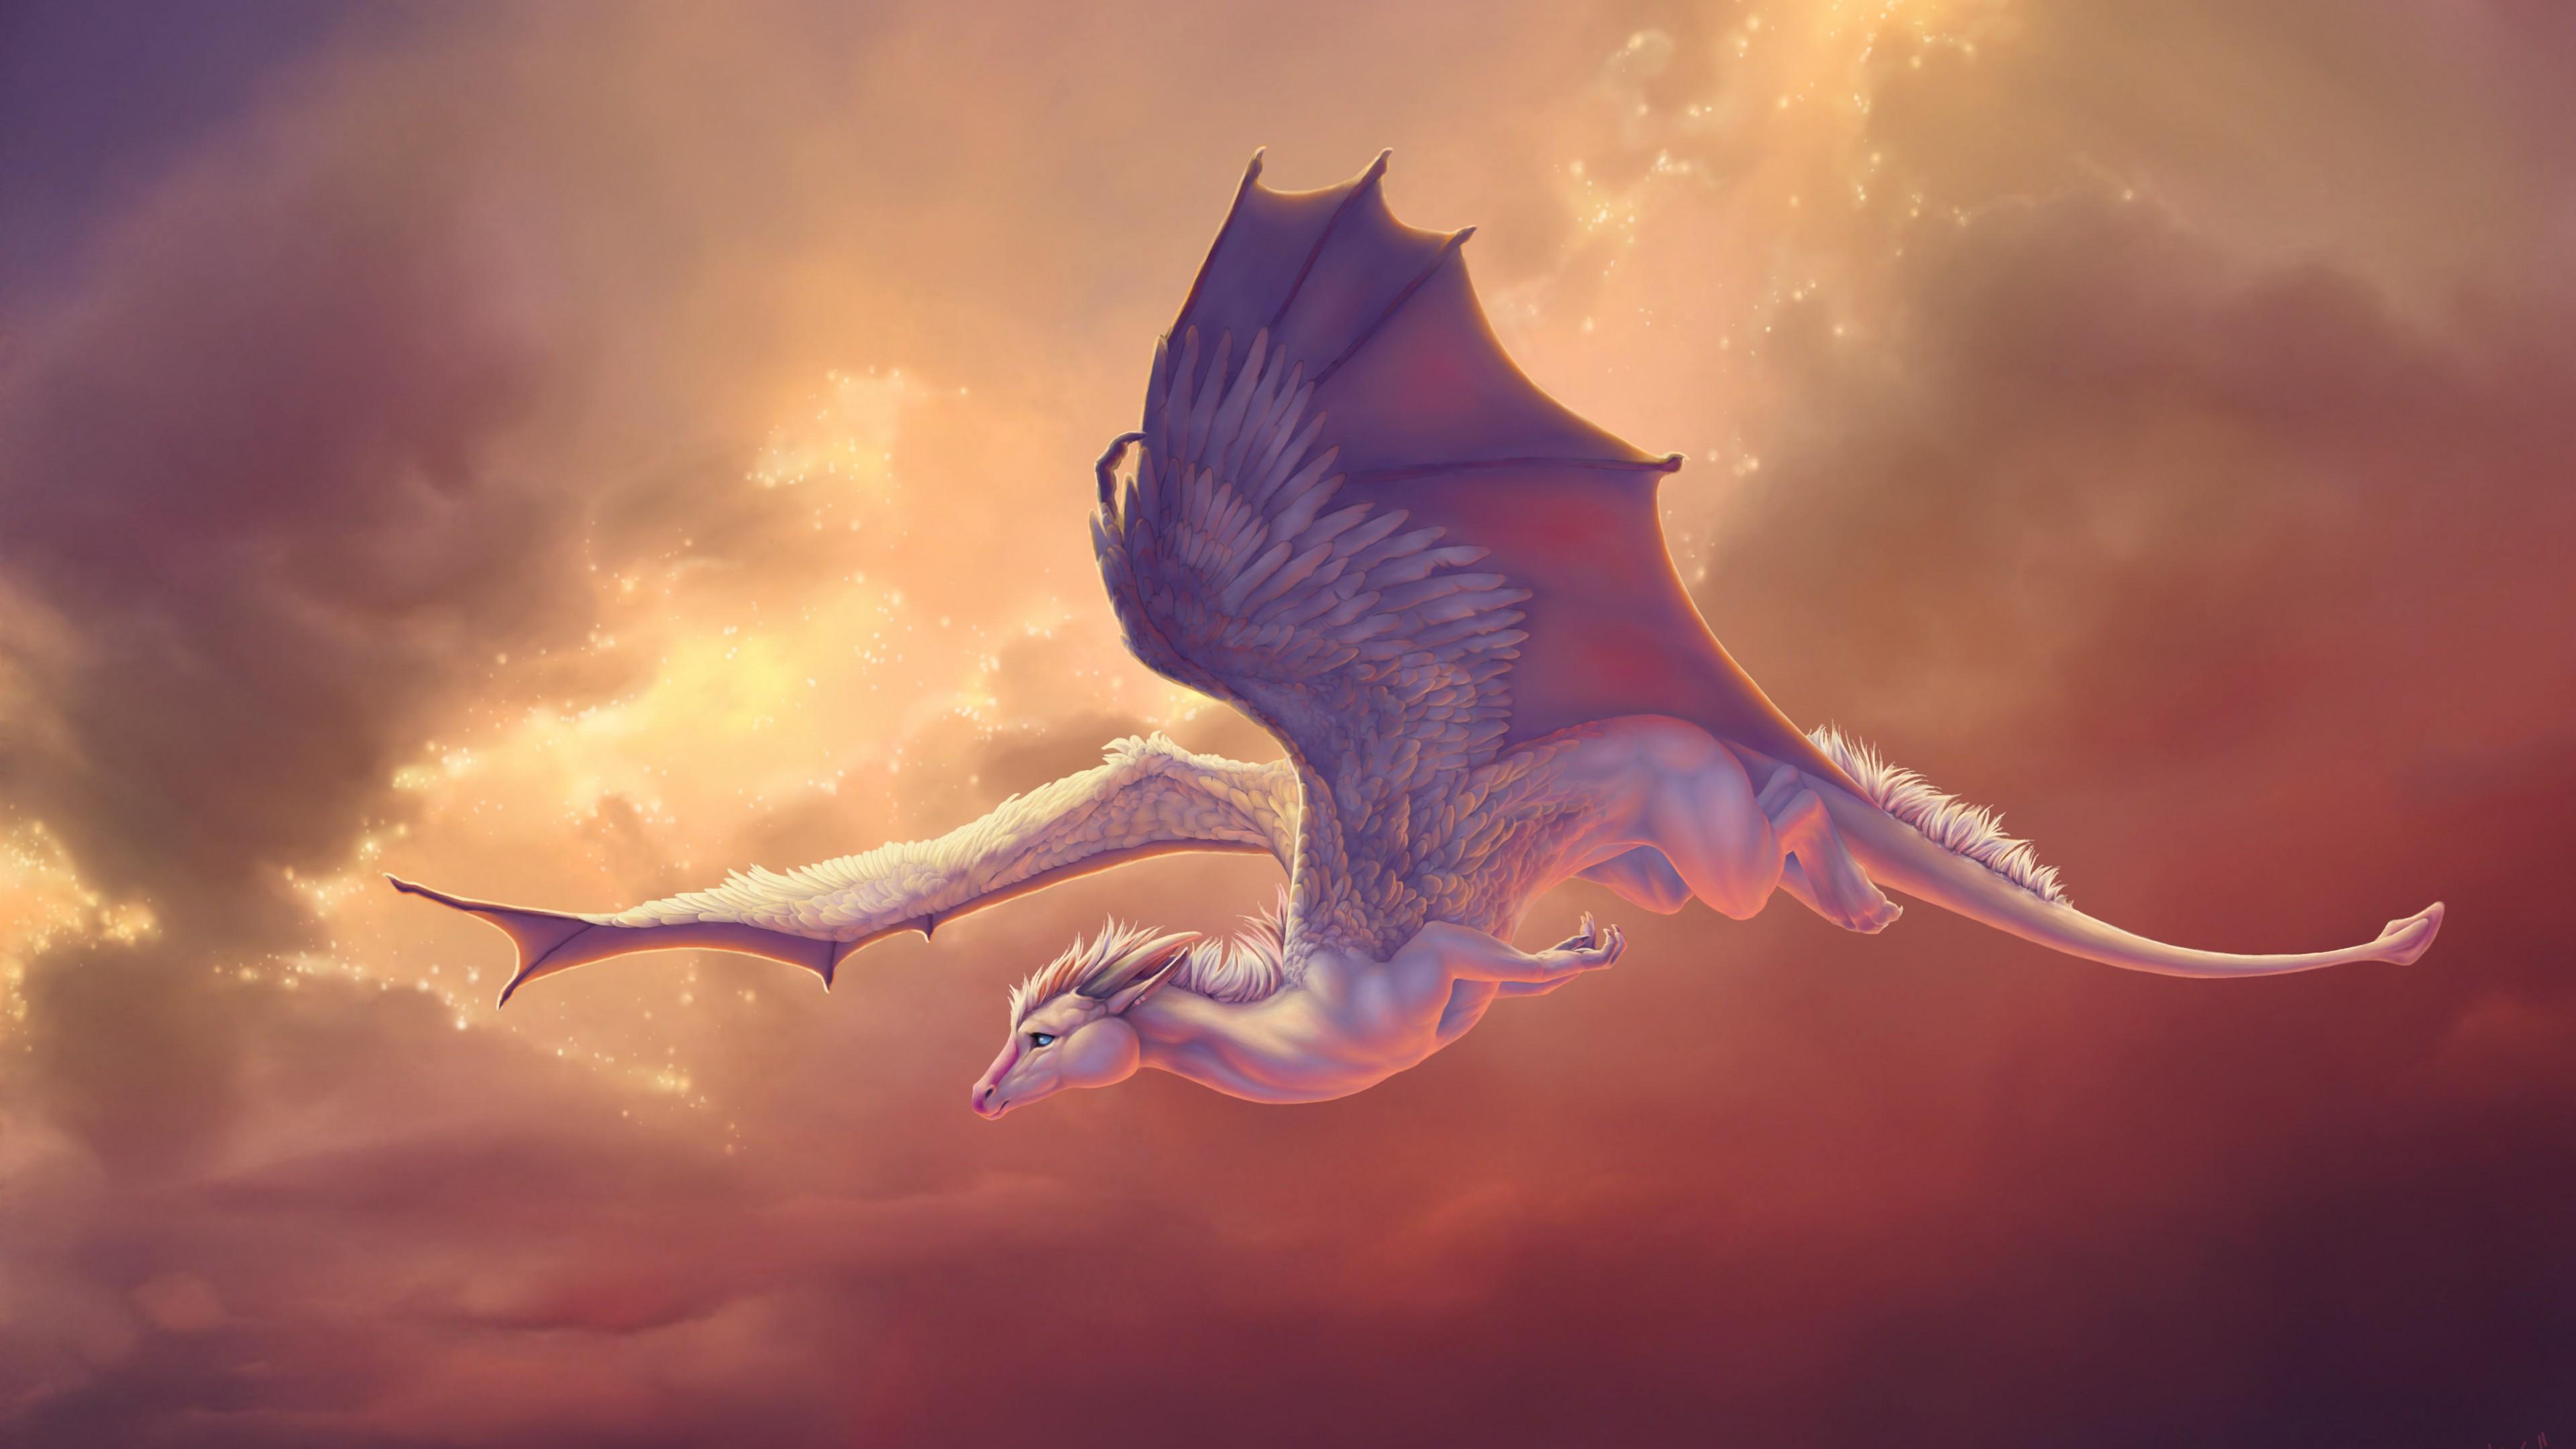 Розово-красные распахнутые крылья дракона в огненных облаках